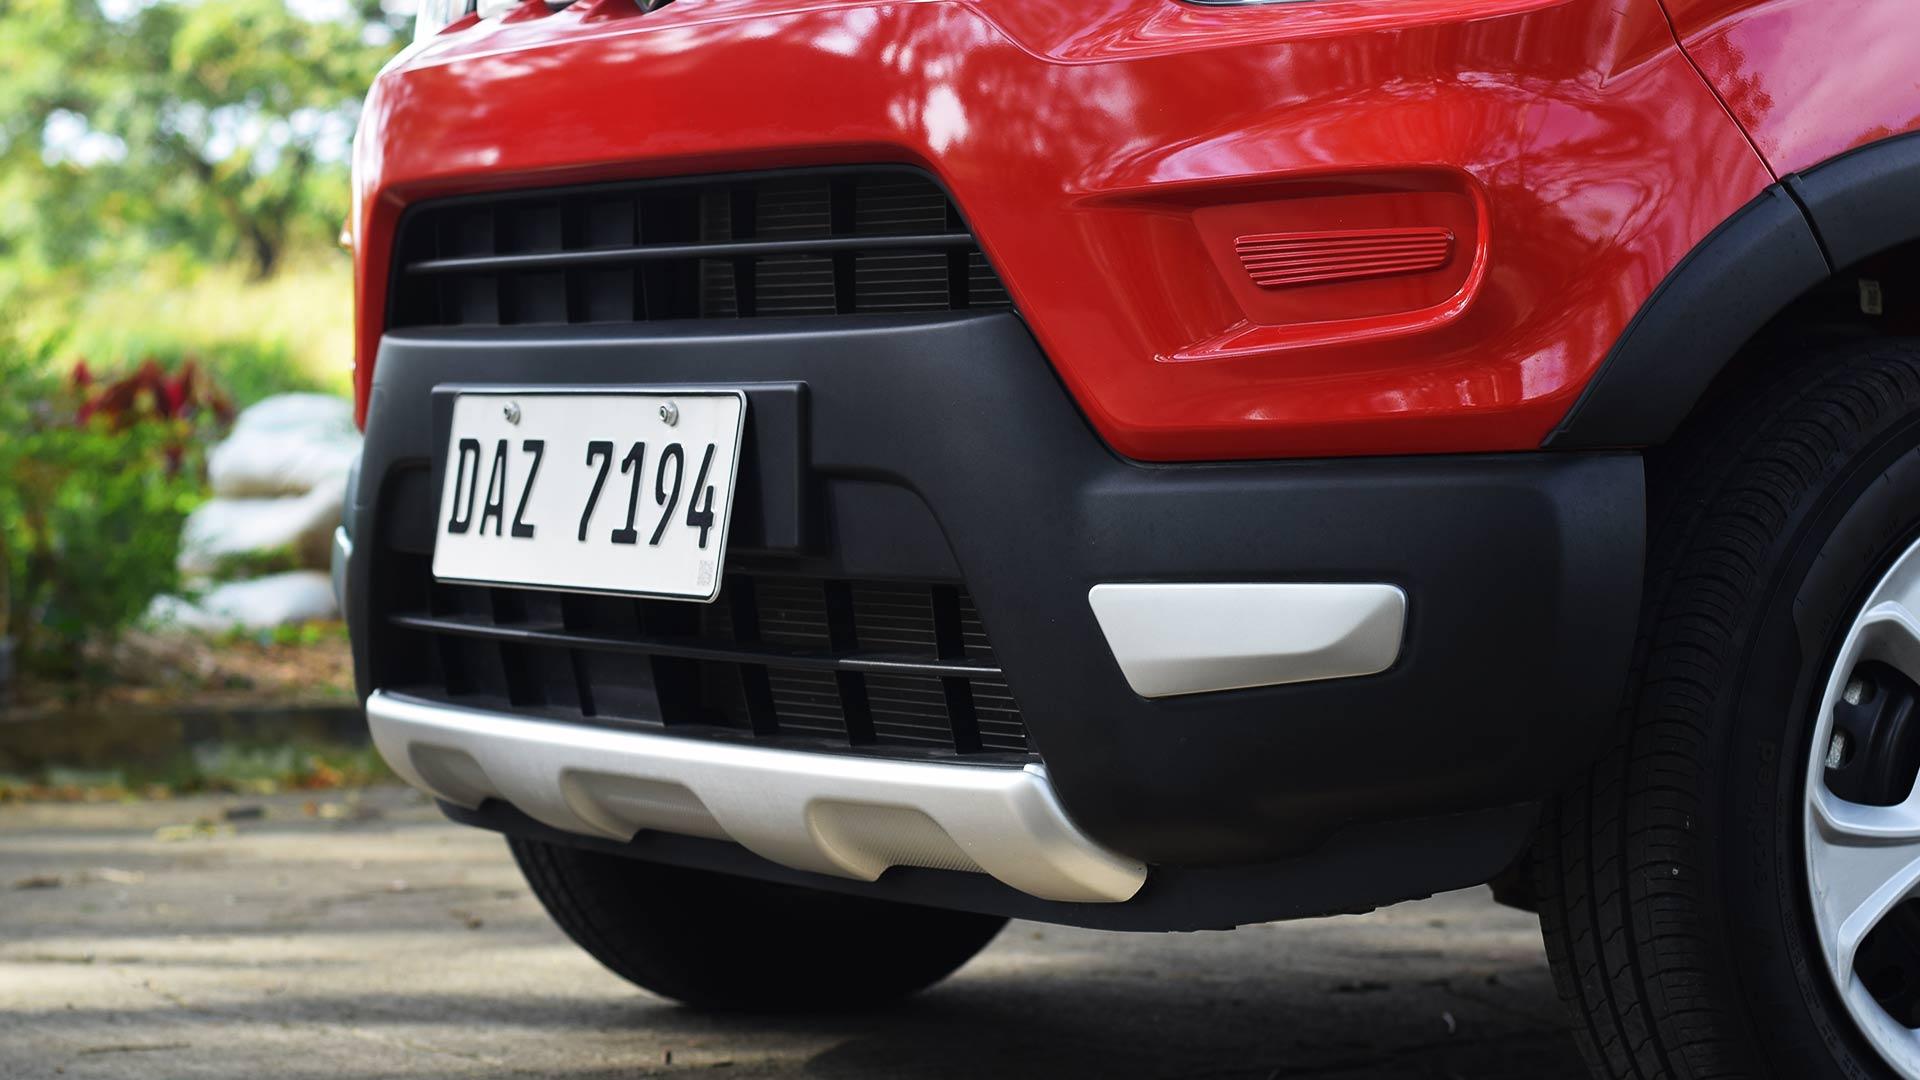 The Suzuki S-Presso bumper